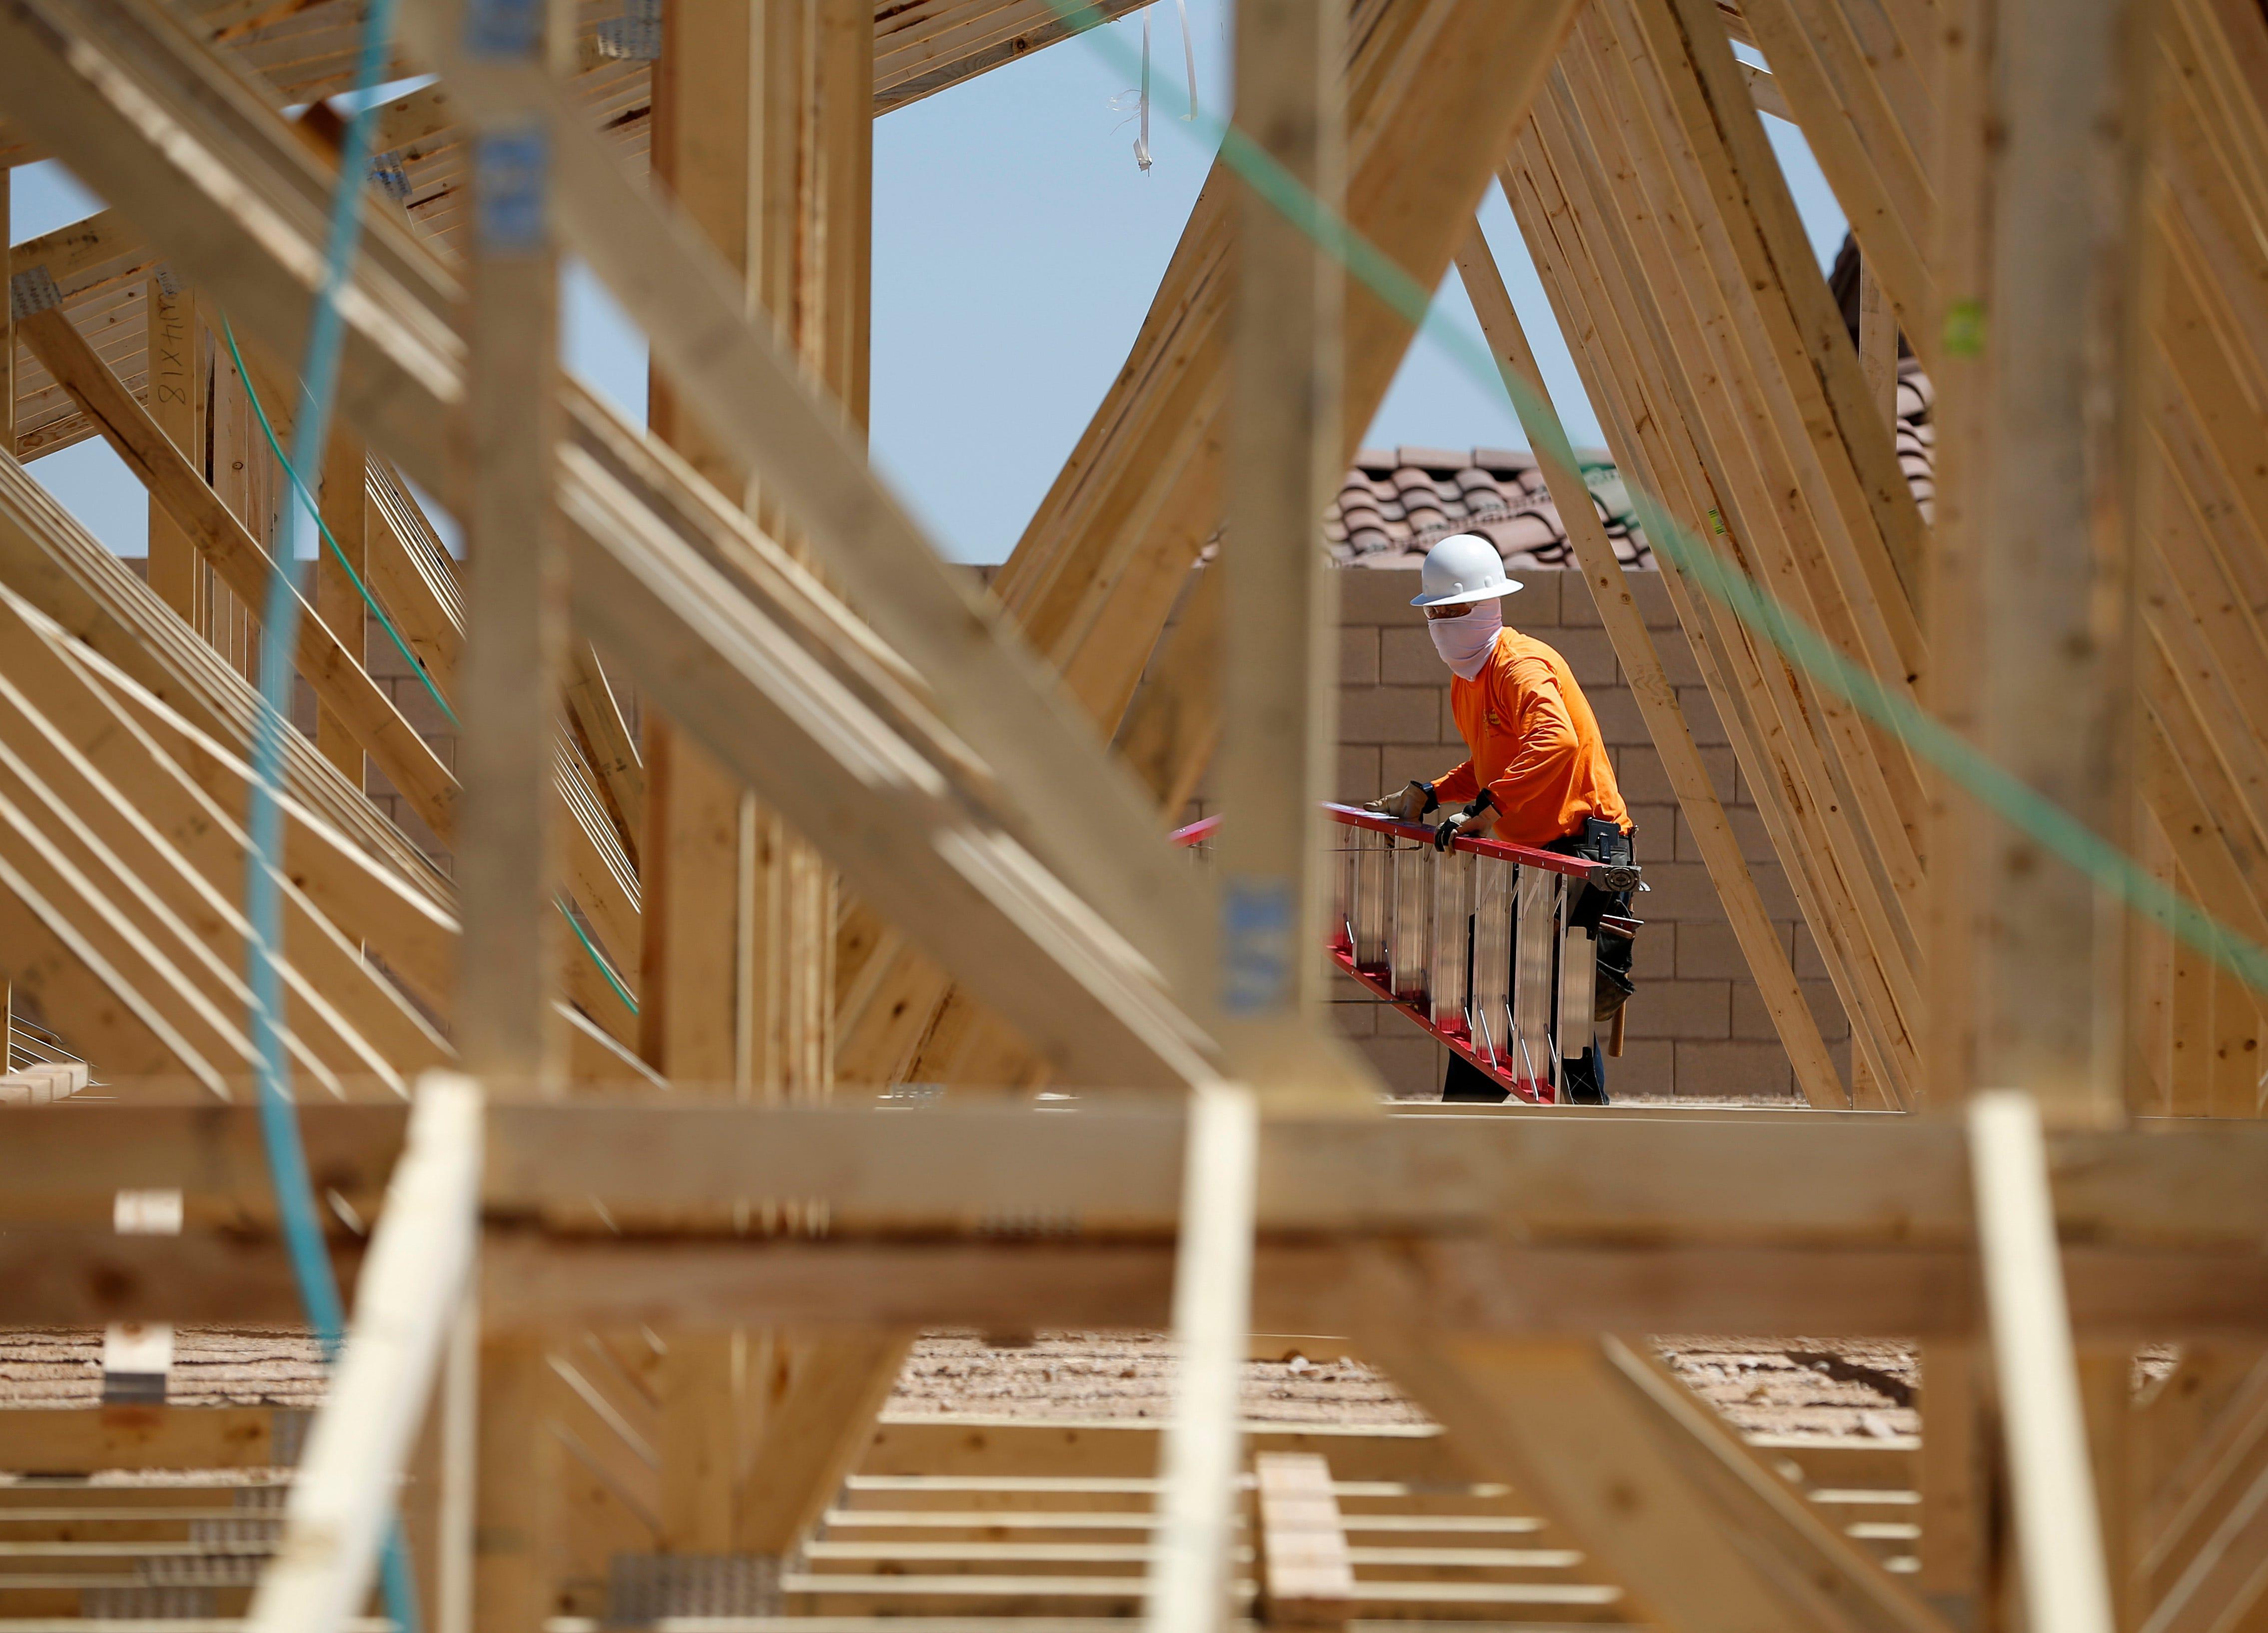 US homebuilder sentiment hits highest level since 2005